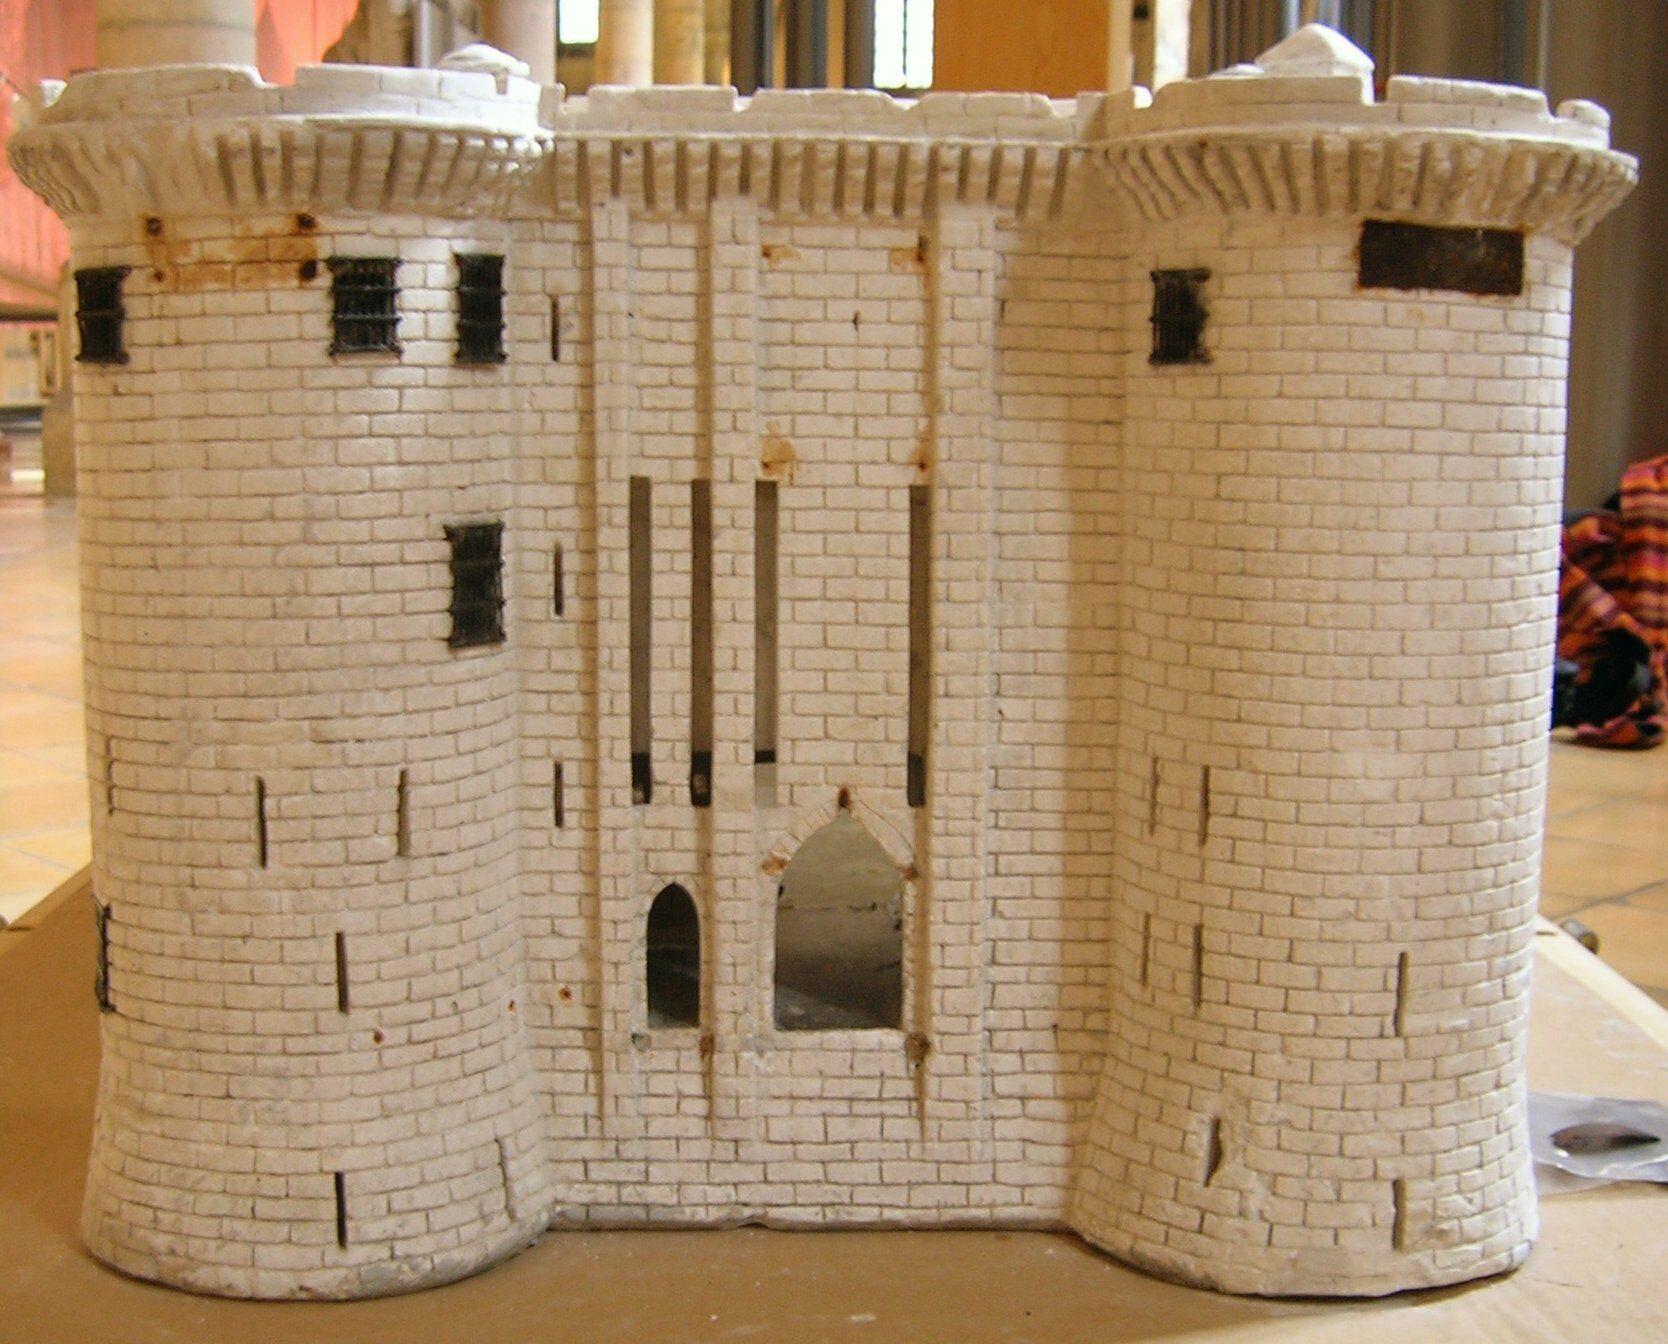 Bastille Musée Archéo Dijon- Isabelle maquaire